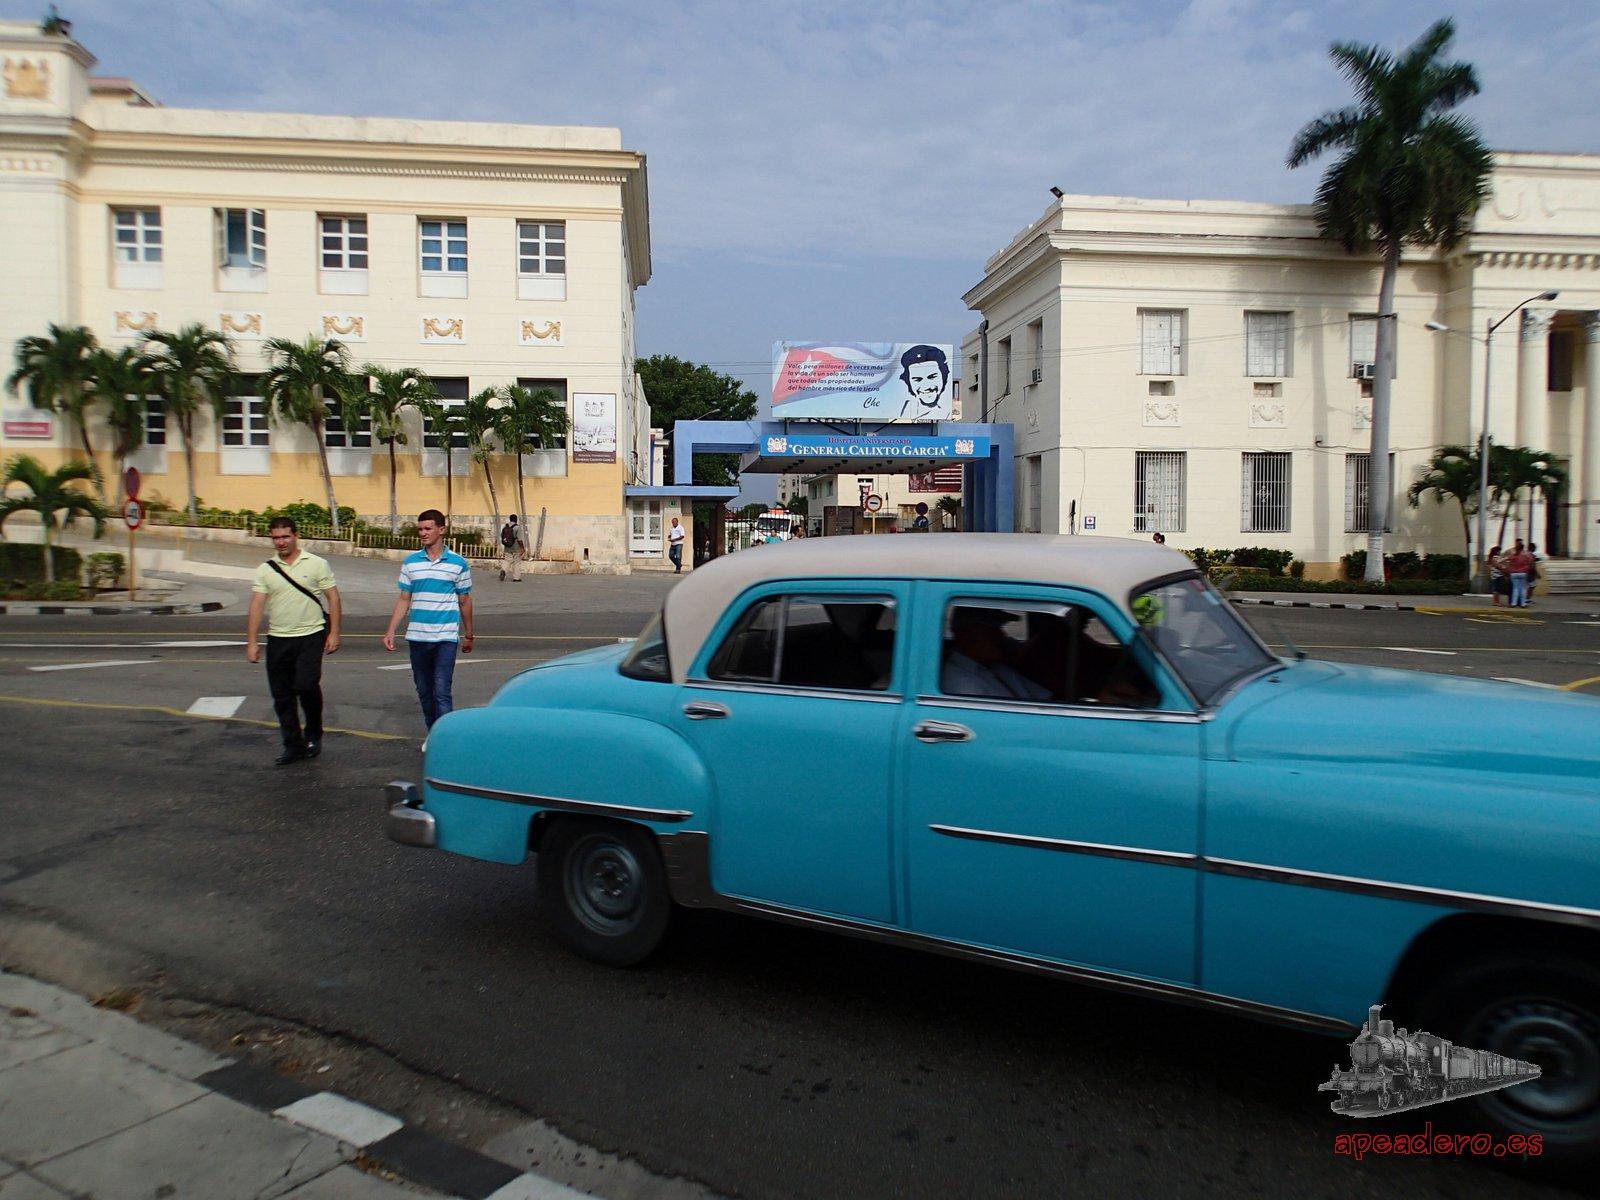 Un hospital cualquiera en una calle cualquiera, con gente normal paseando. Eso es la verdadera Cuba y no lo que nos habían pintado antes de viajar hasta allí.